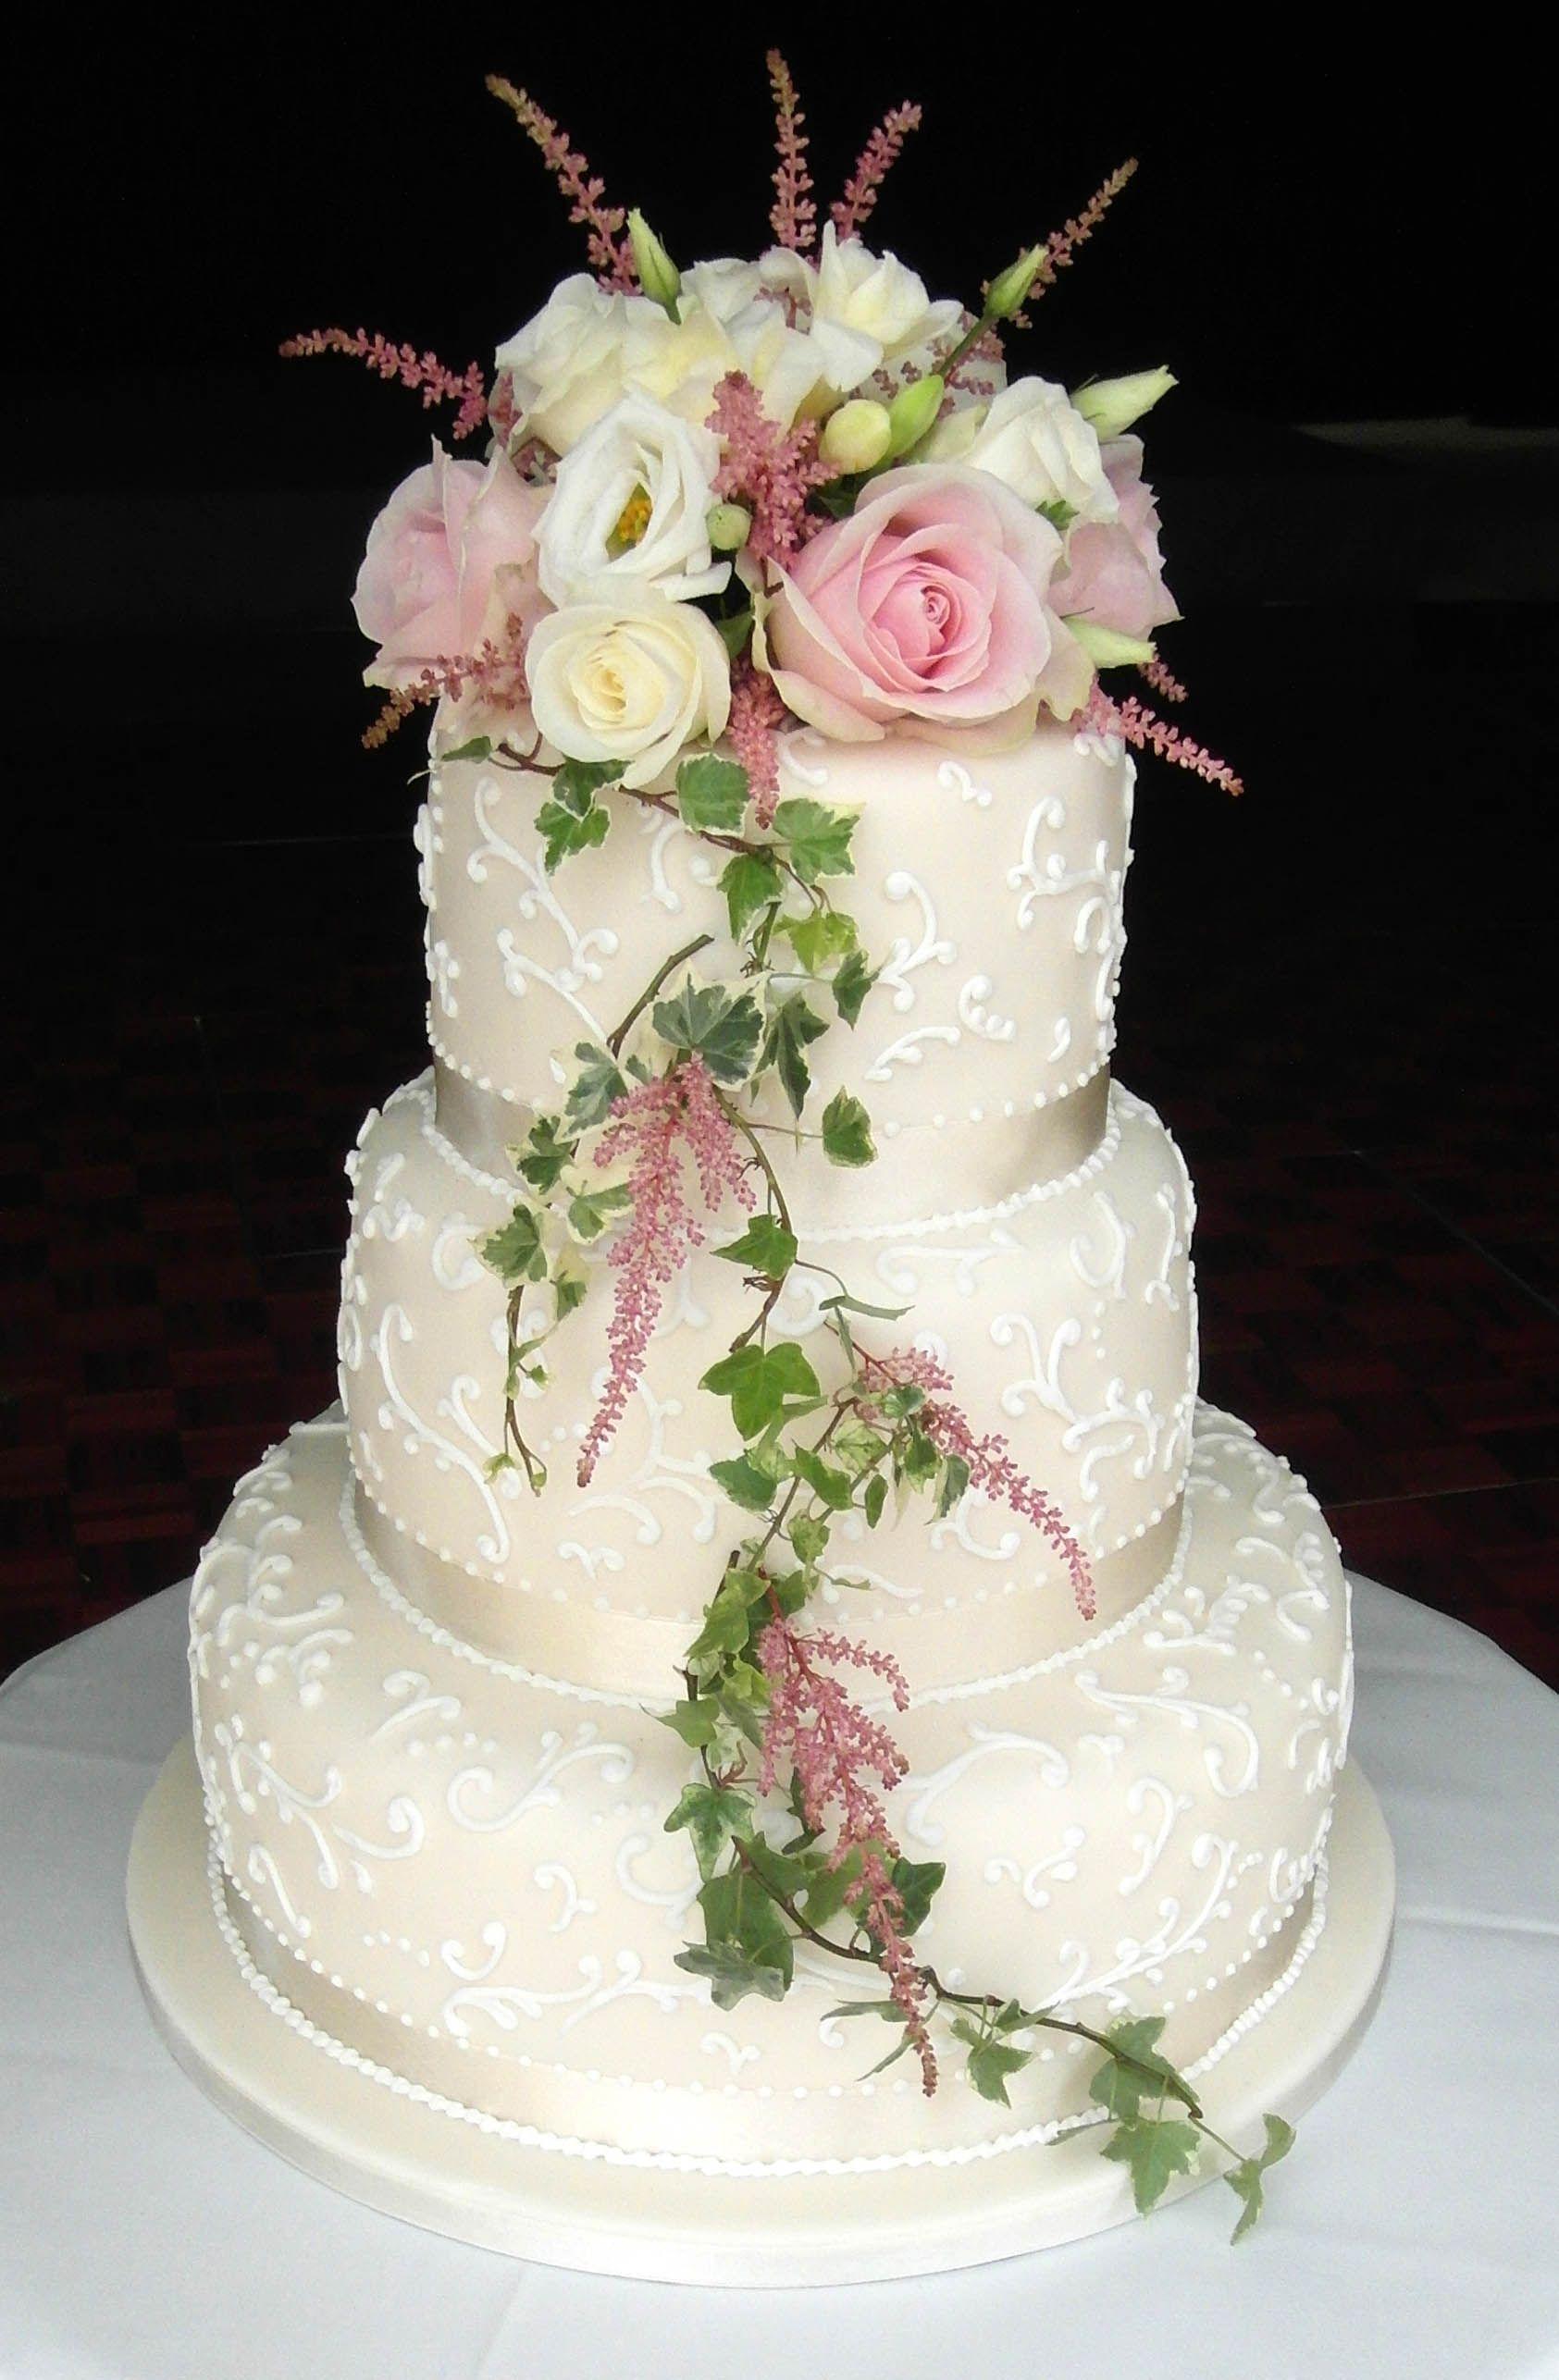 Wedding cake decorating ideas fresh flowers